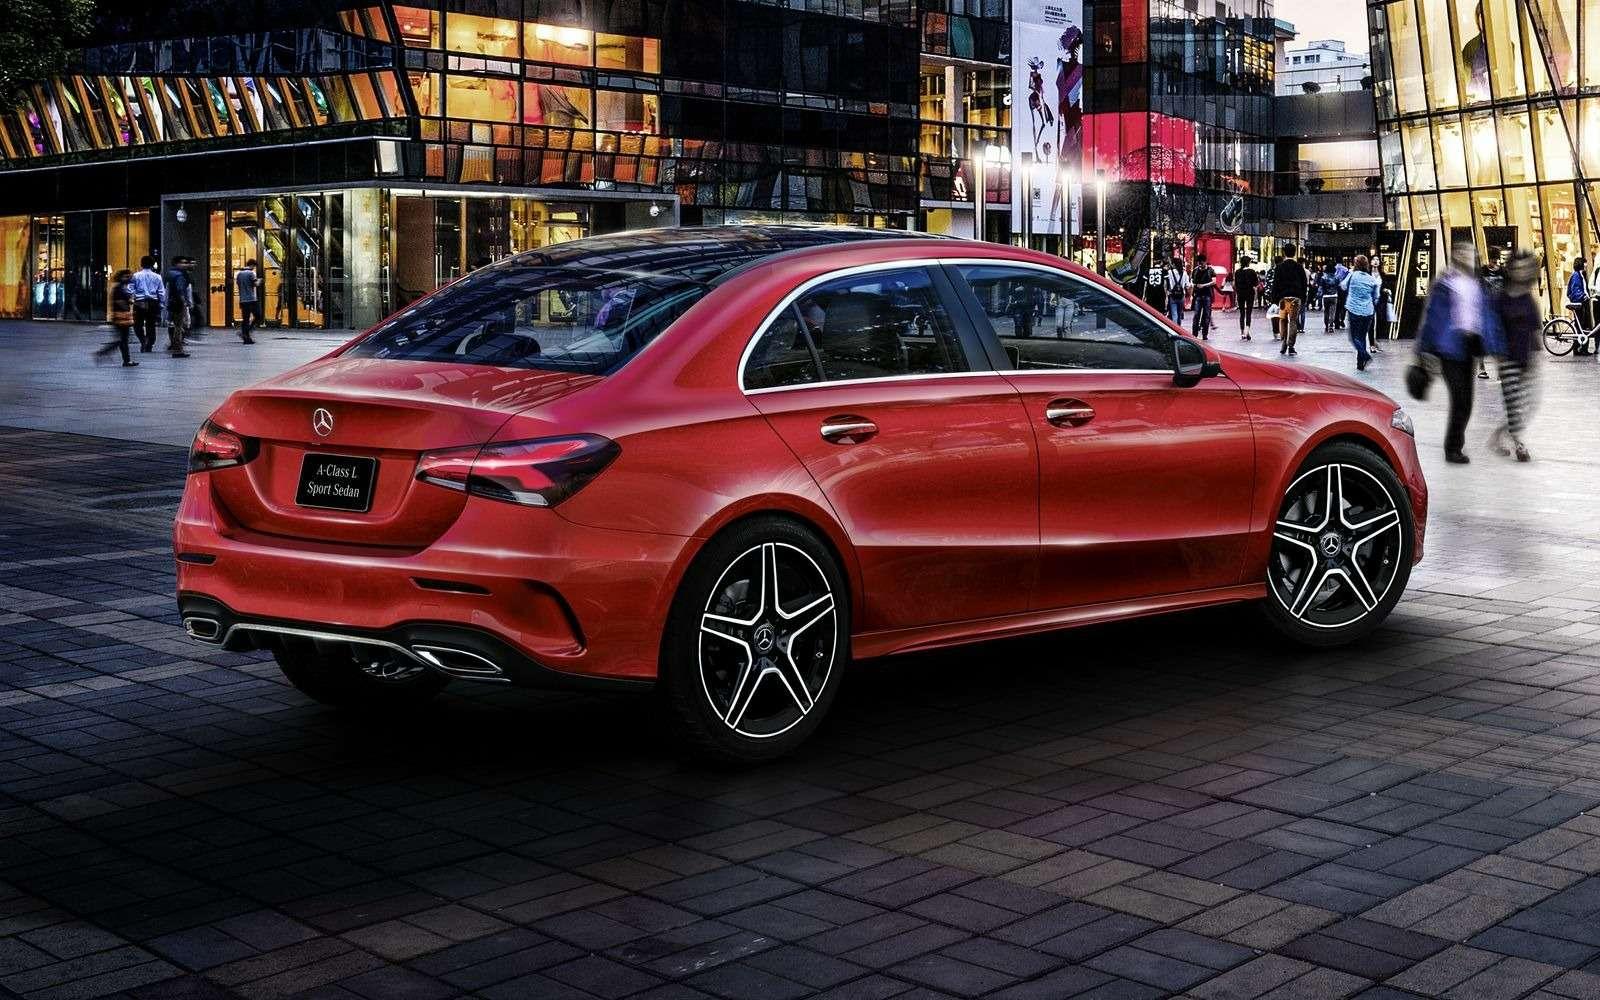 Mercedes-Benz A-класса растянули доразмеров Камри!— фото 865713